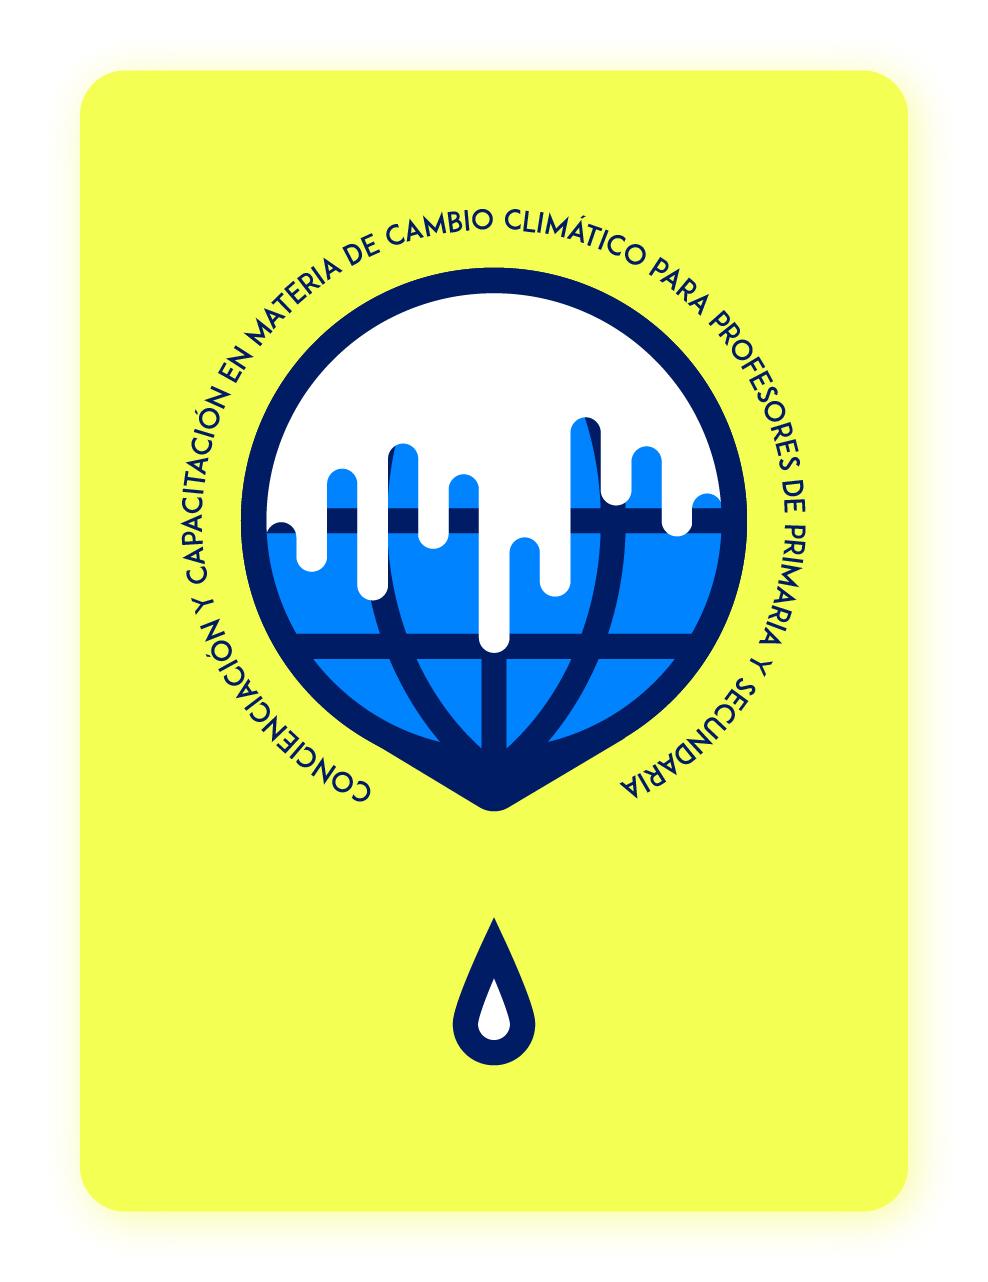 Logo_Cambio Climático 05